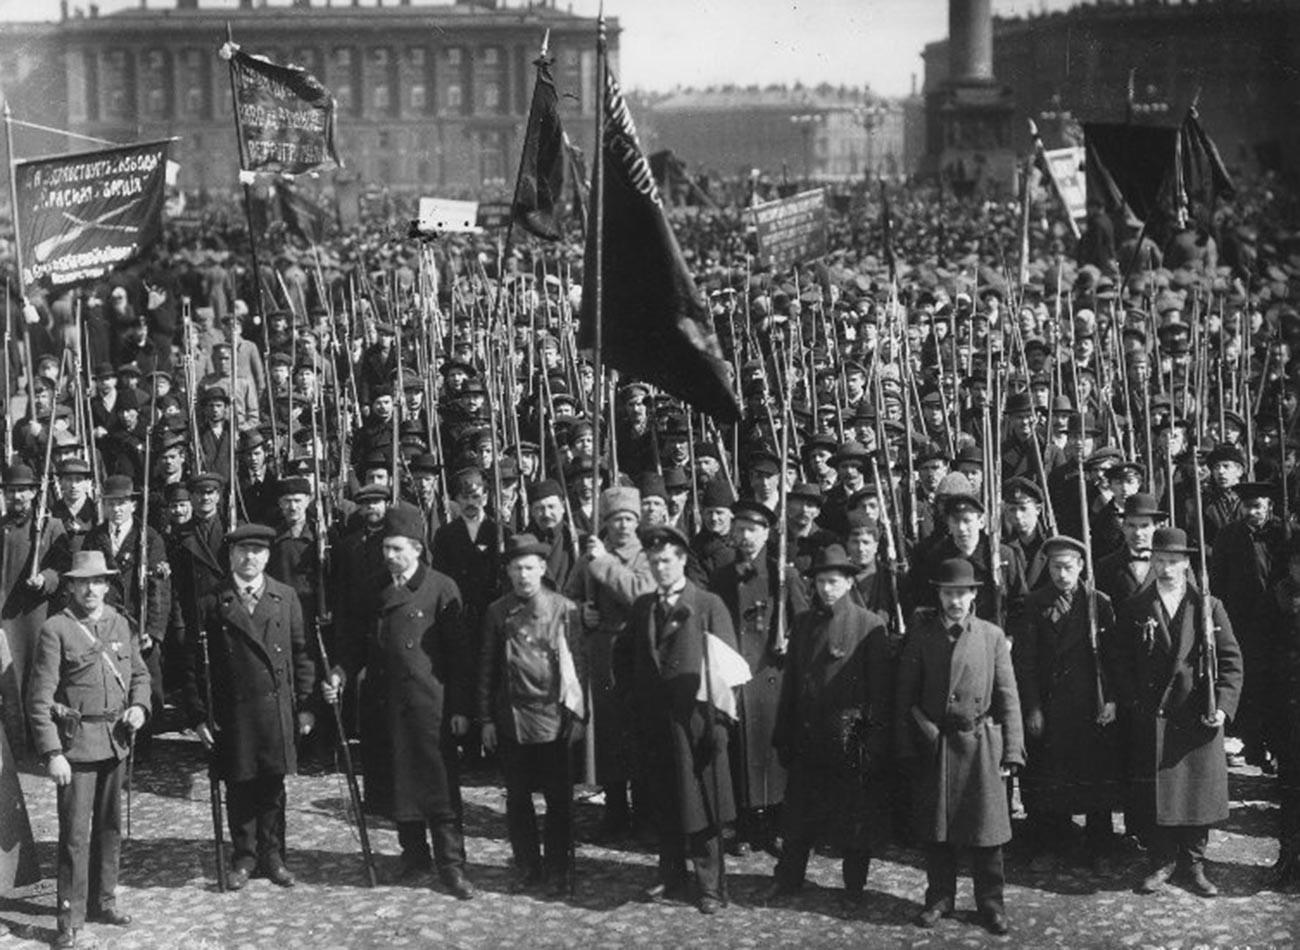 Des manifestants sur la place du Palais